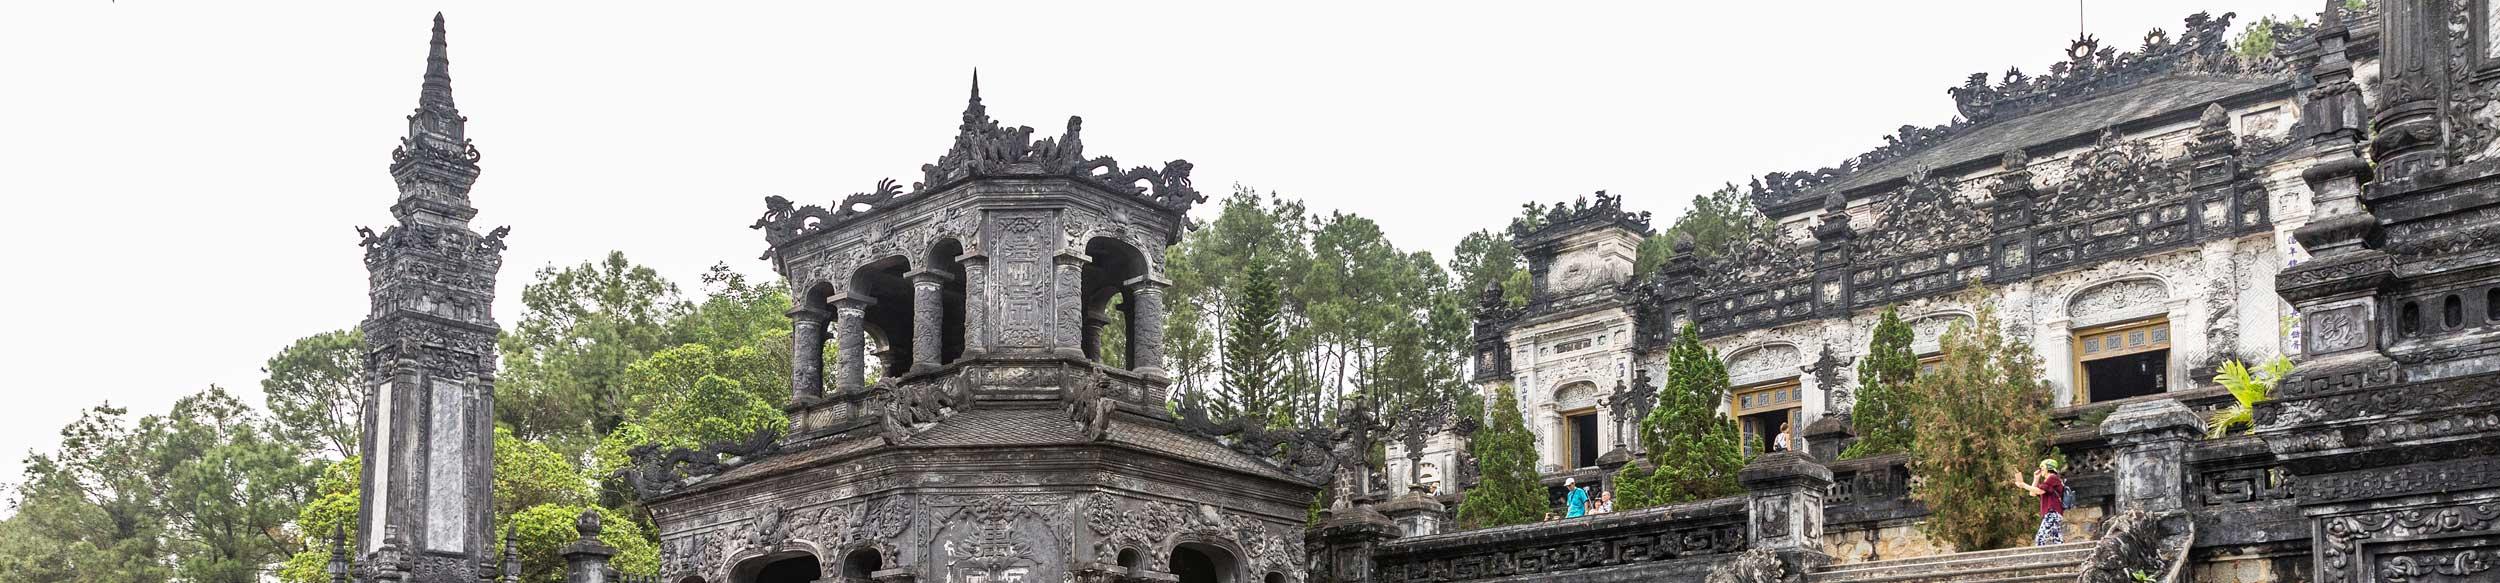 Tombeau impérial de Khai Dinh à Hue